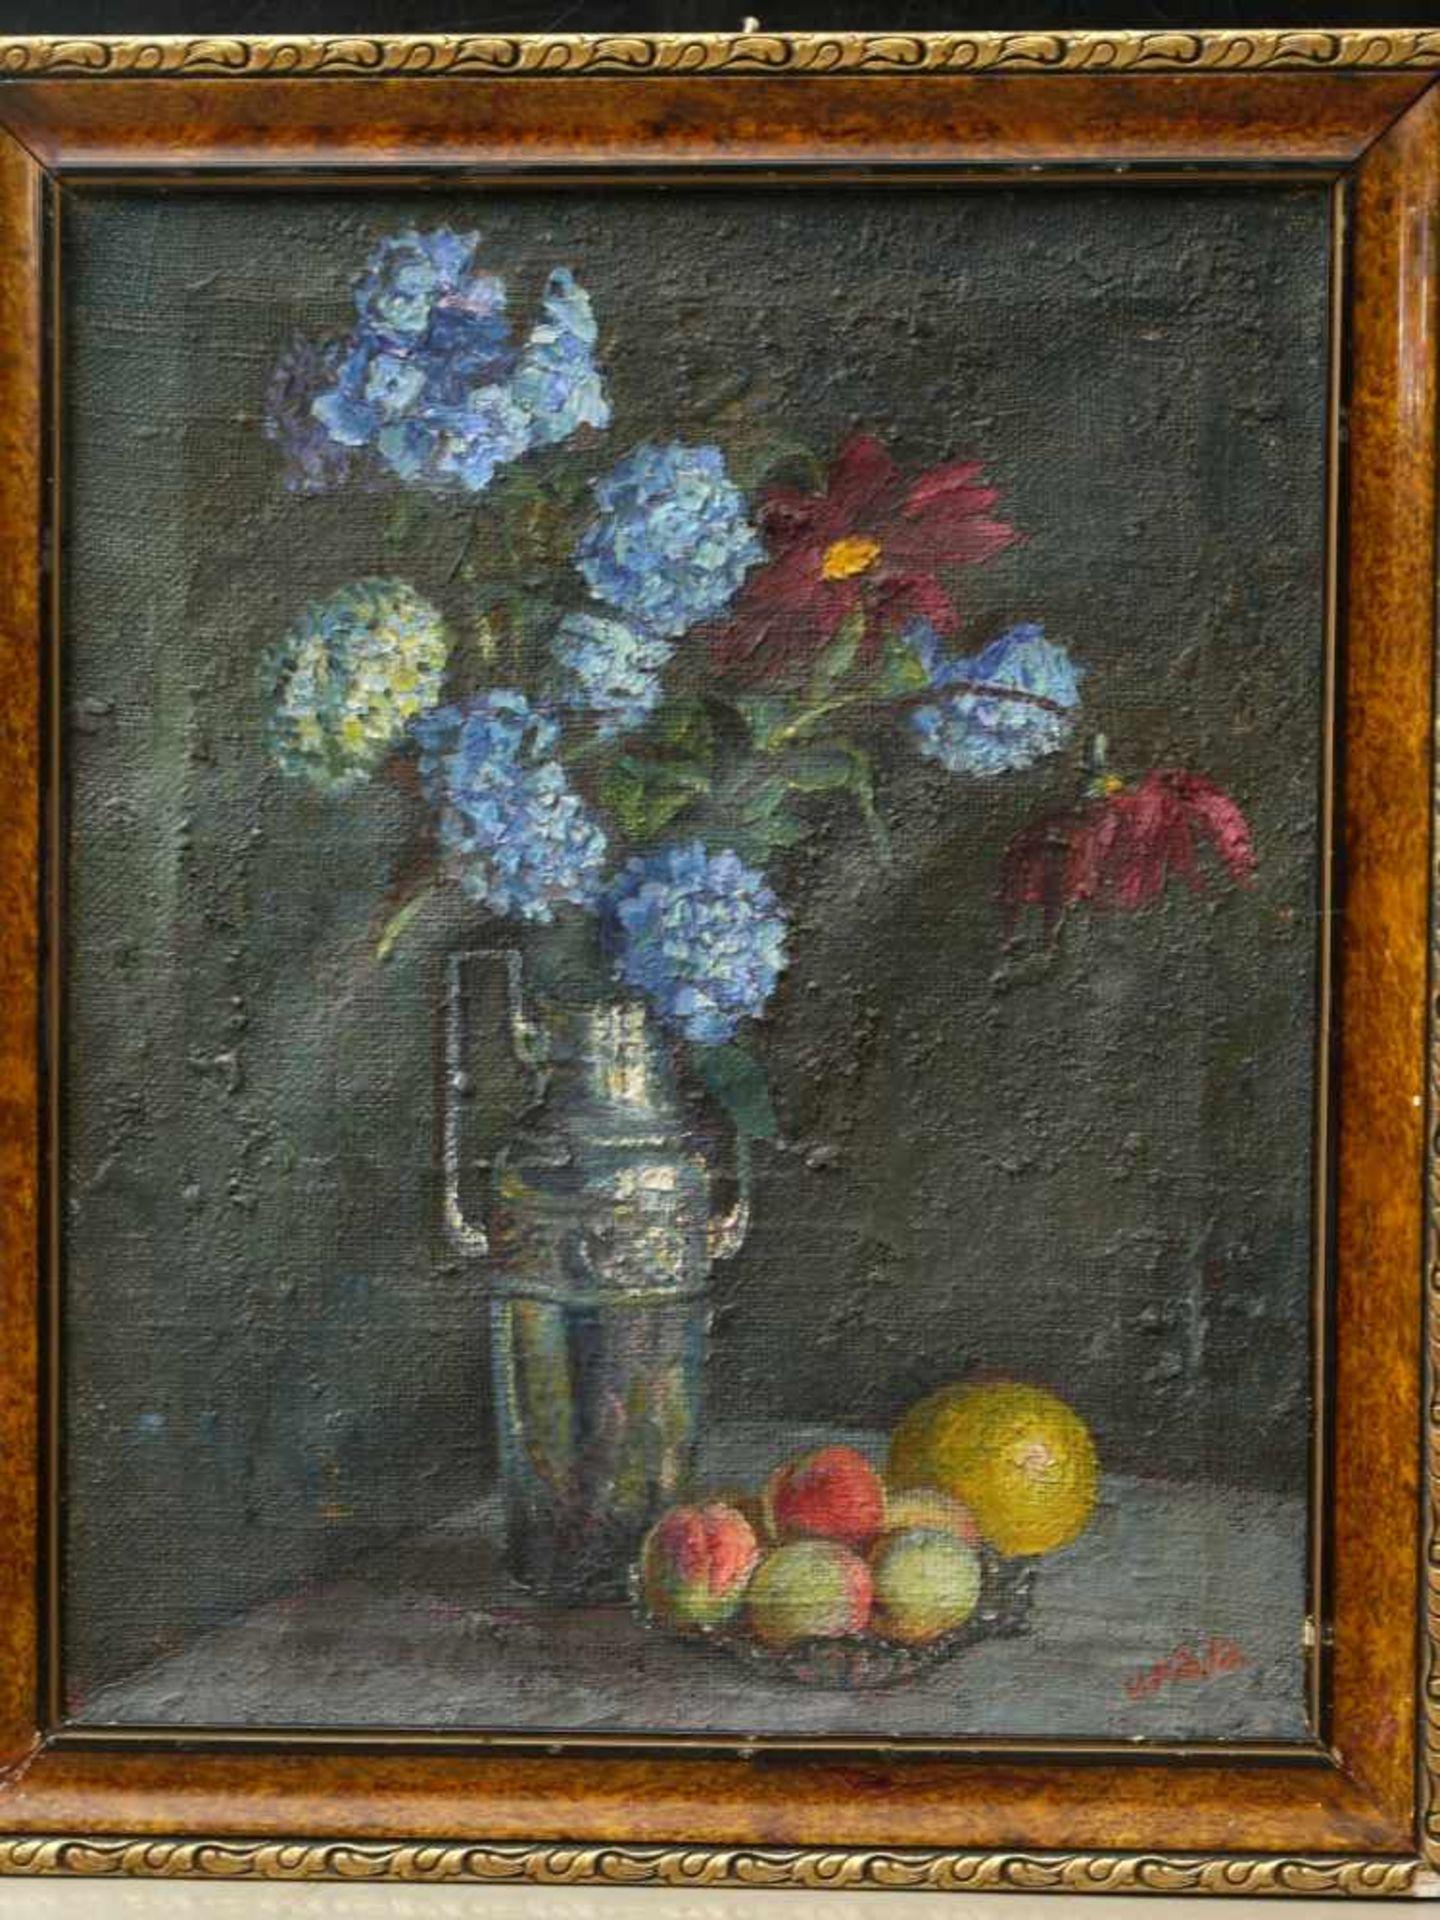 Fiala, Vaclav (1896-1980) - Stillleben mit Vase und FrüchtenAnsicht einer hohen, silbernen - Bild 2 aus 8